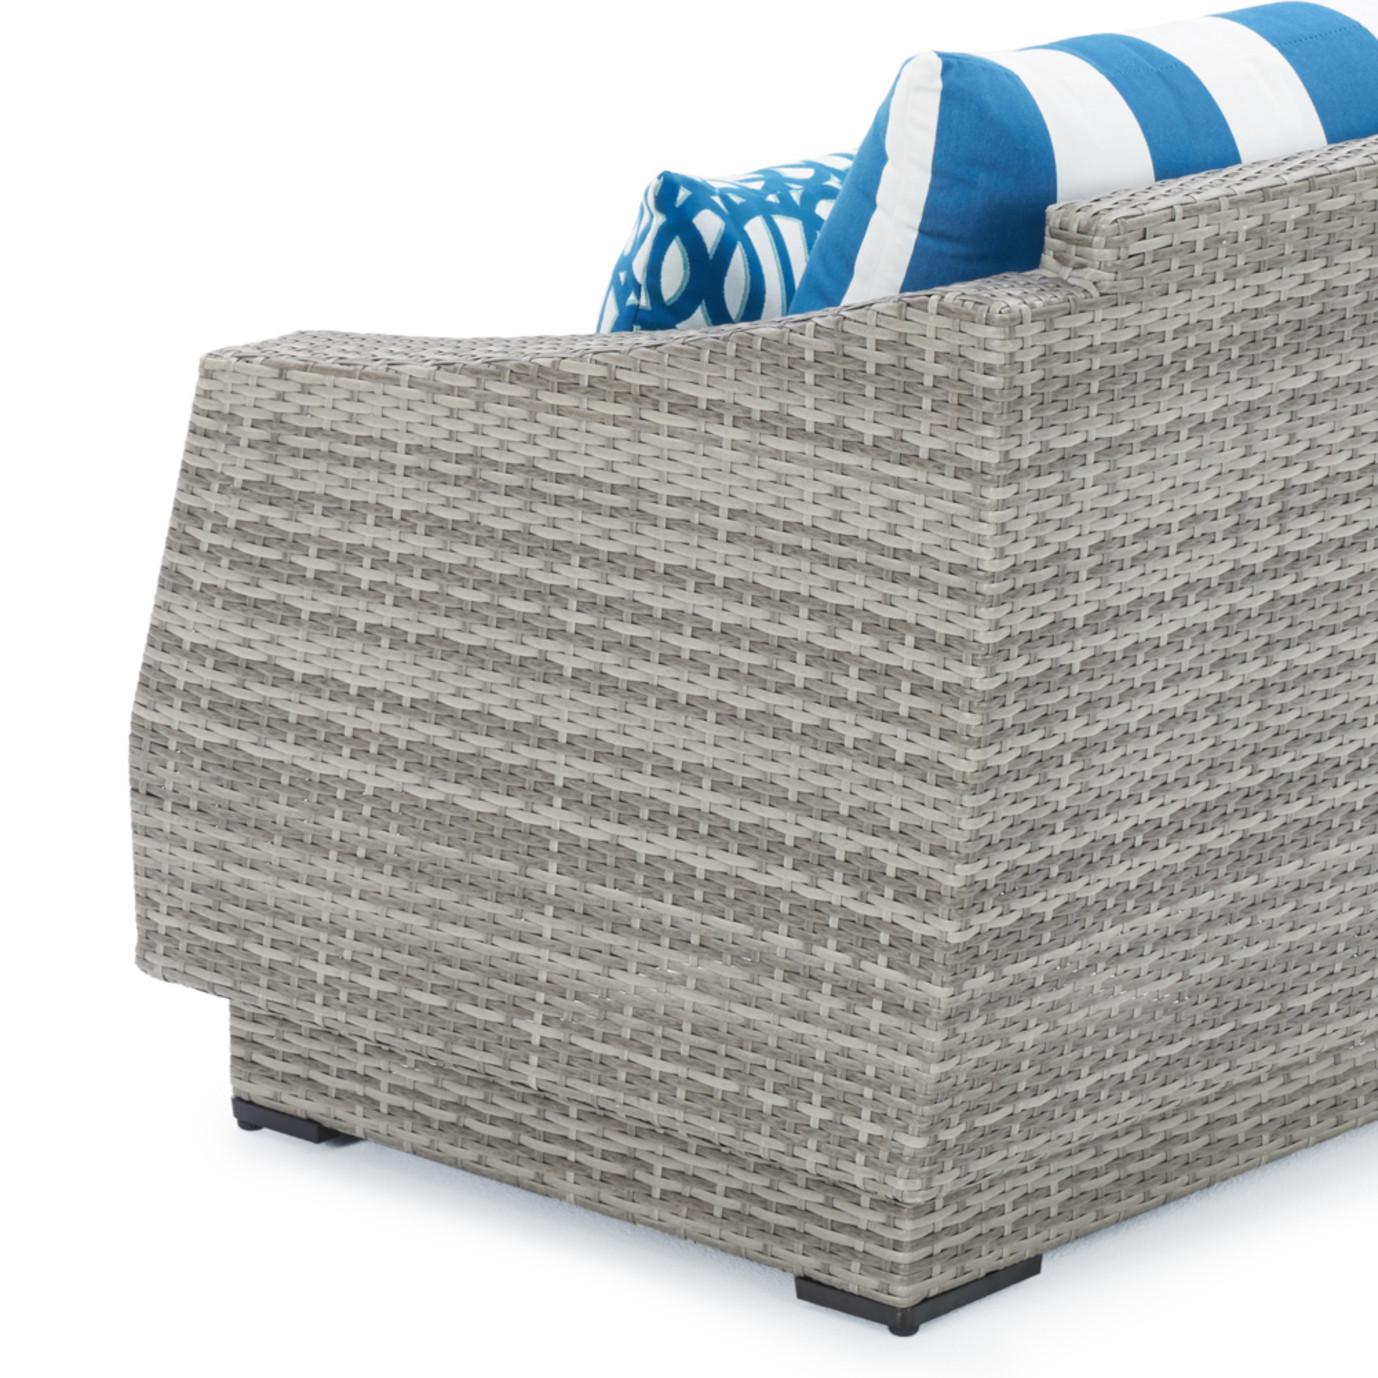 Cannes™ 8pc Sofa & Club Chair Set- Regatta Blue